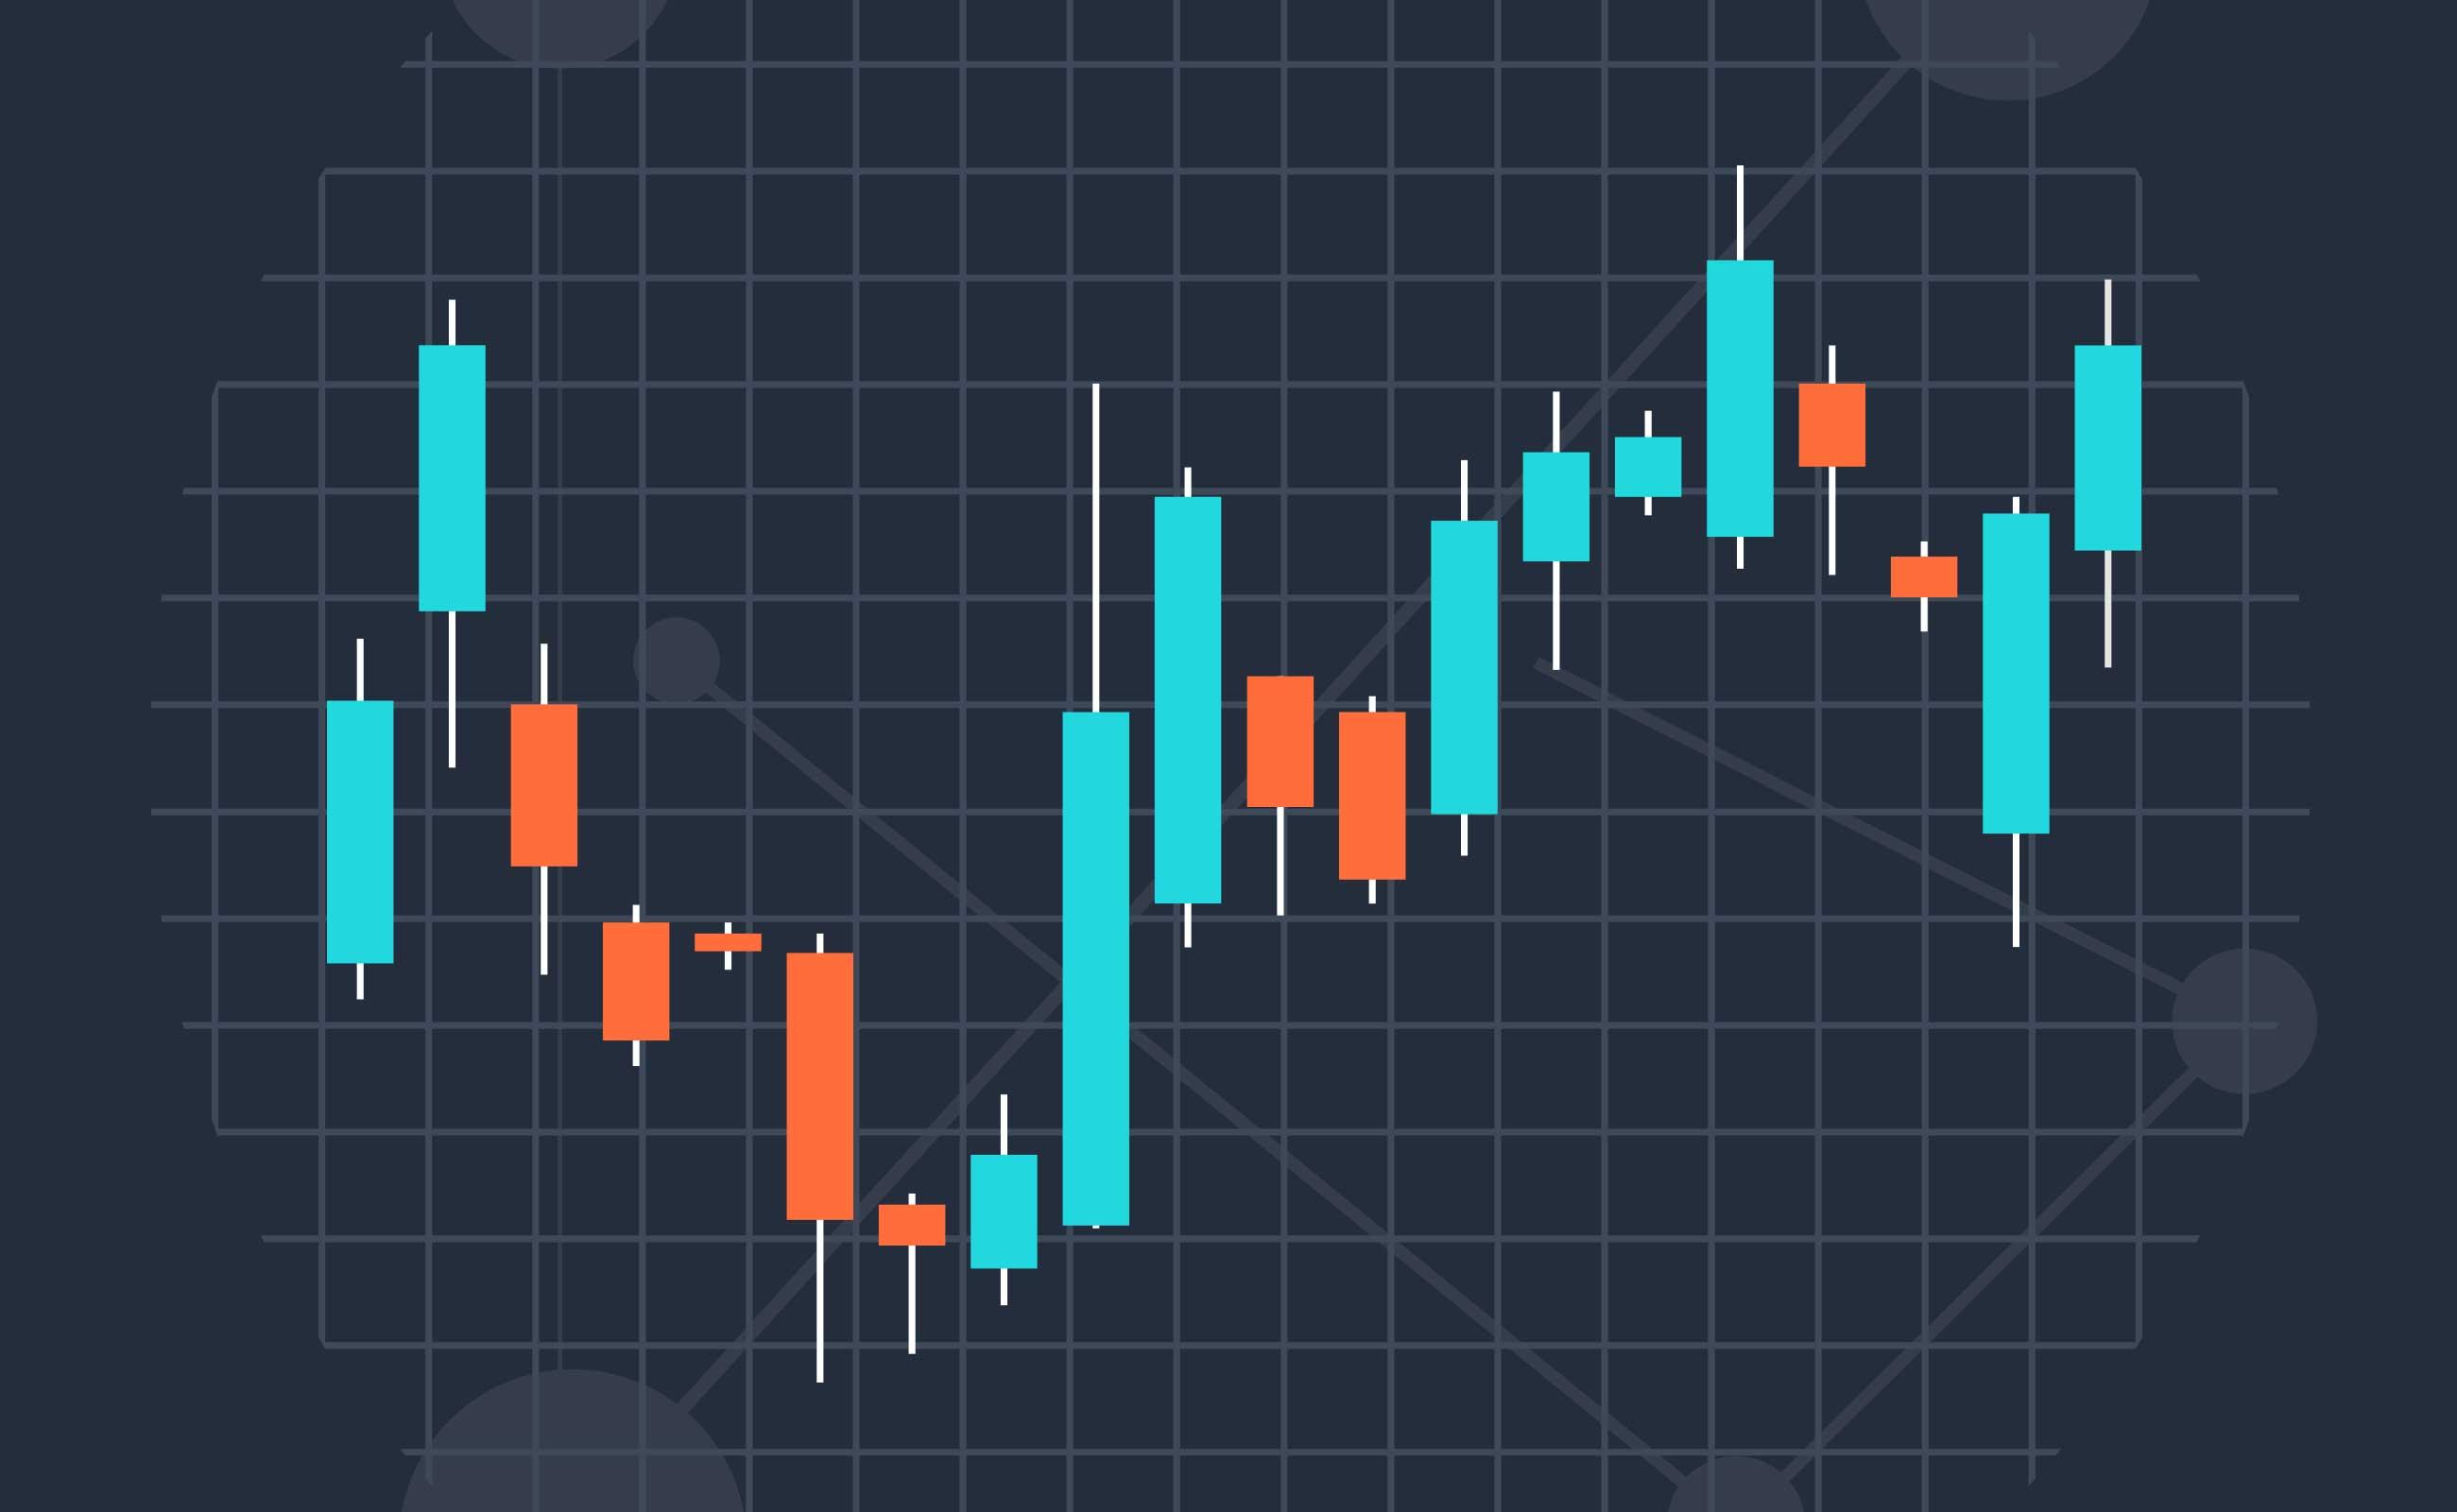 25日欧洲股市开盘普跌